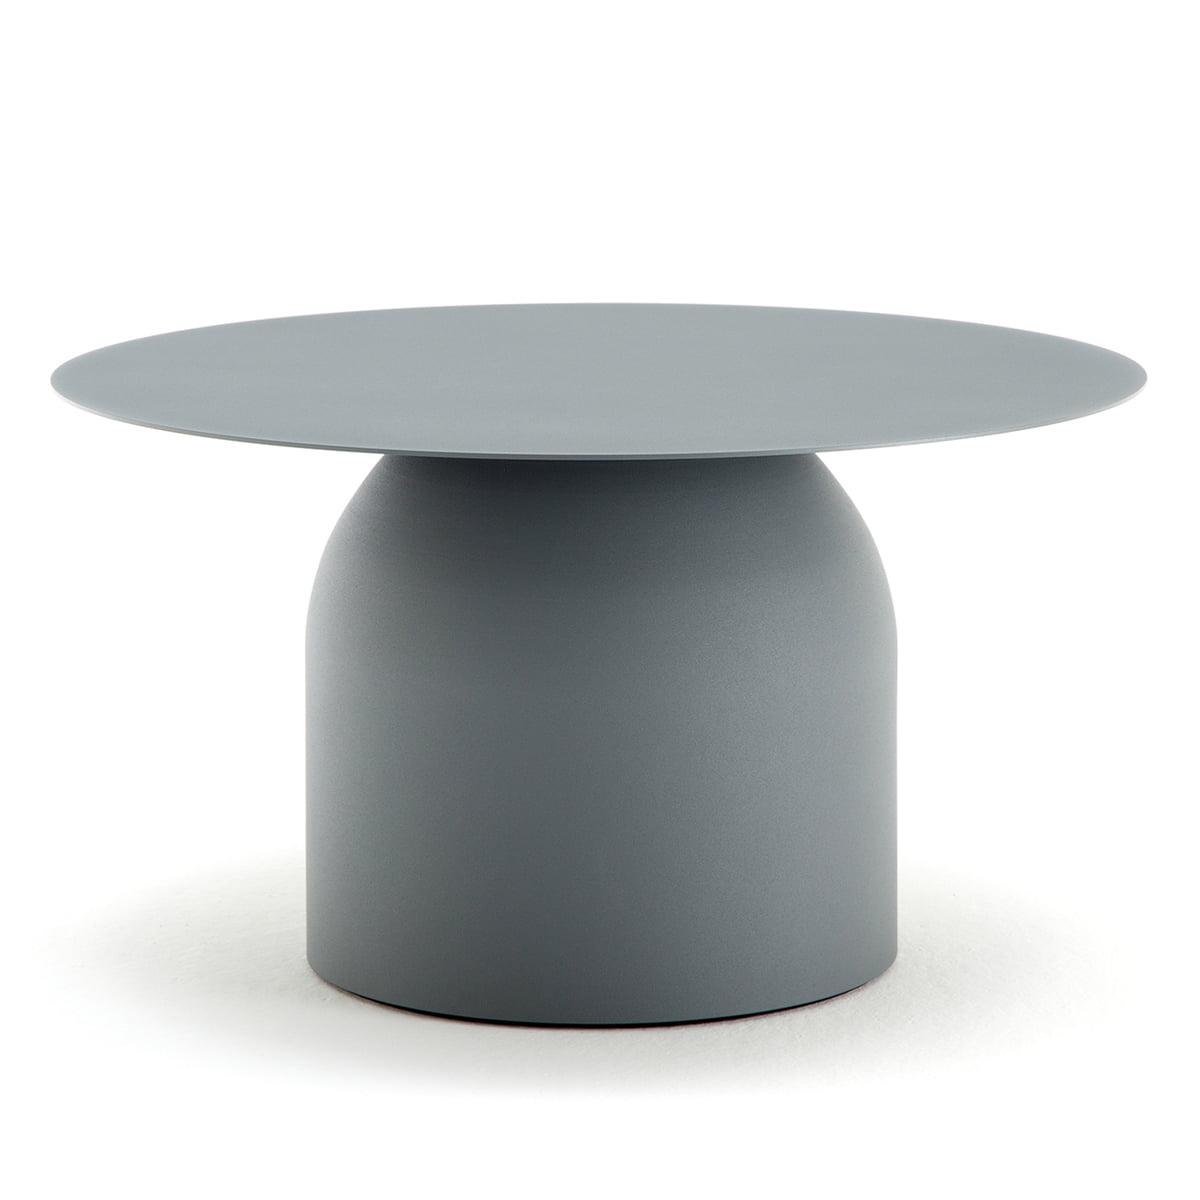 154 couchtisch von freistil connox. Black Bedroom Furniture Sets. Home Design Ideas